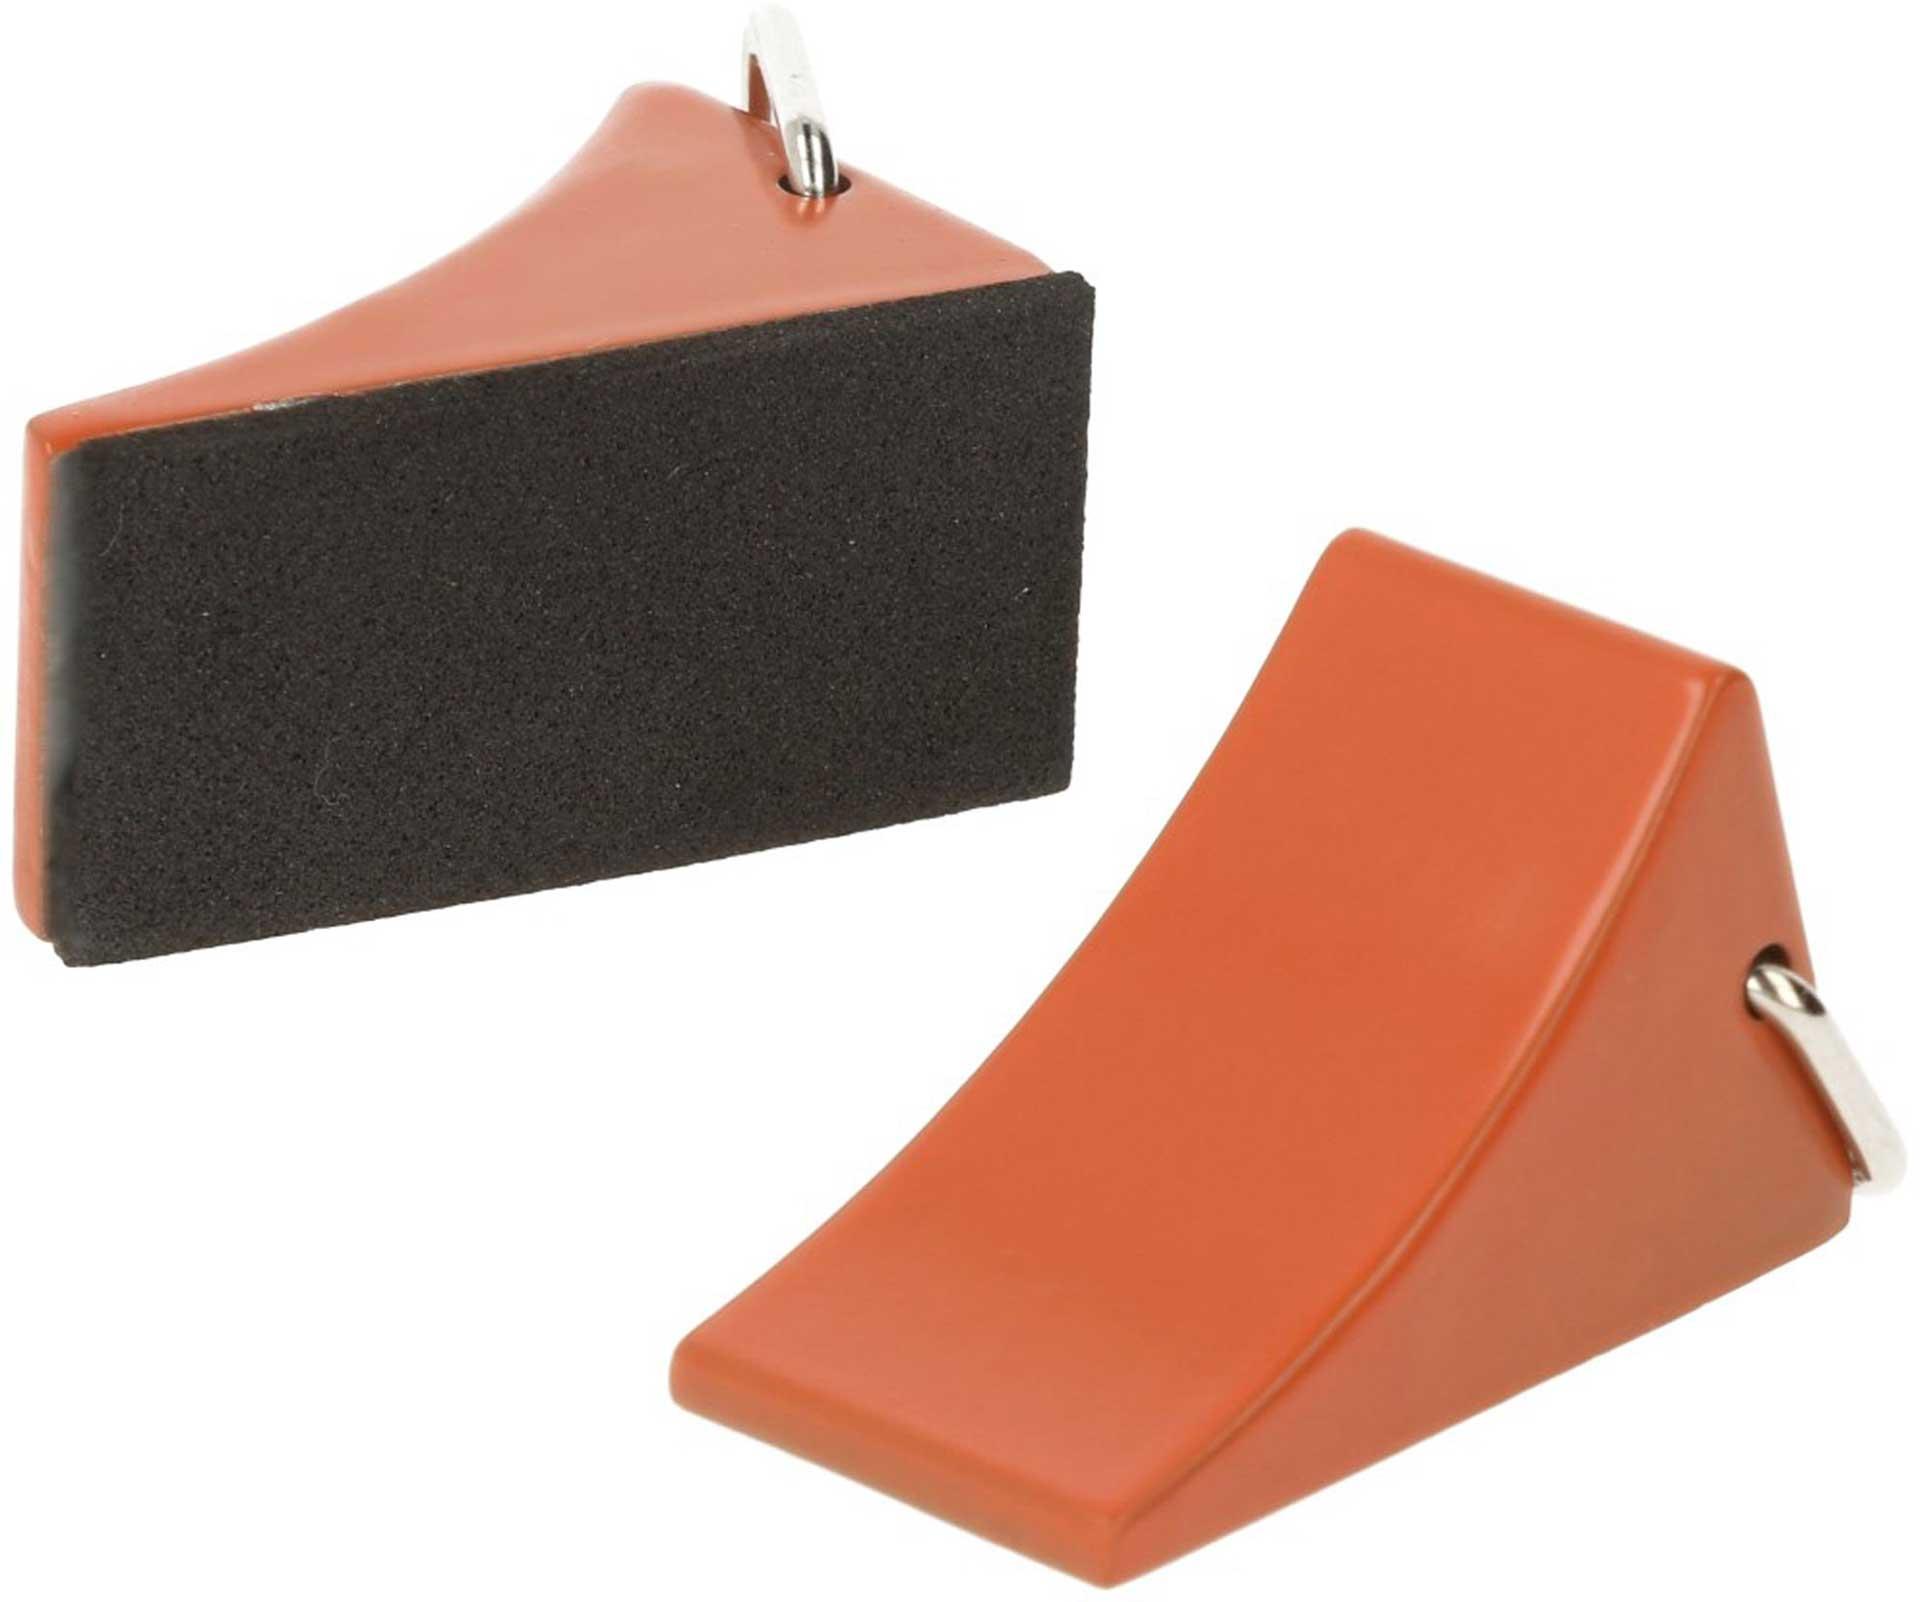 ROBITRONIC Chocks Fuse Orange (2 pcs.) Drag Shoes Cast Iron